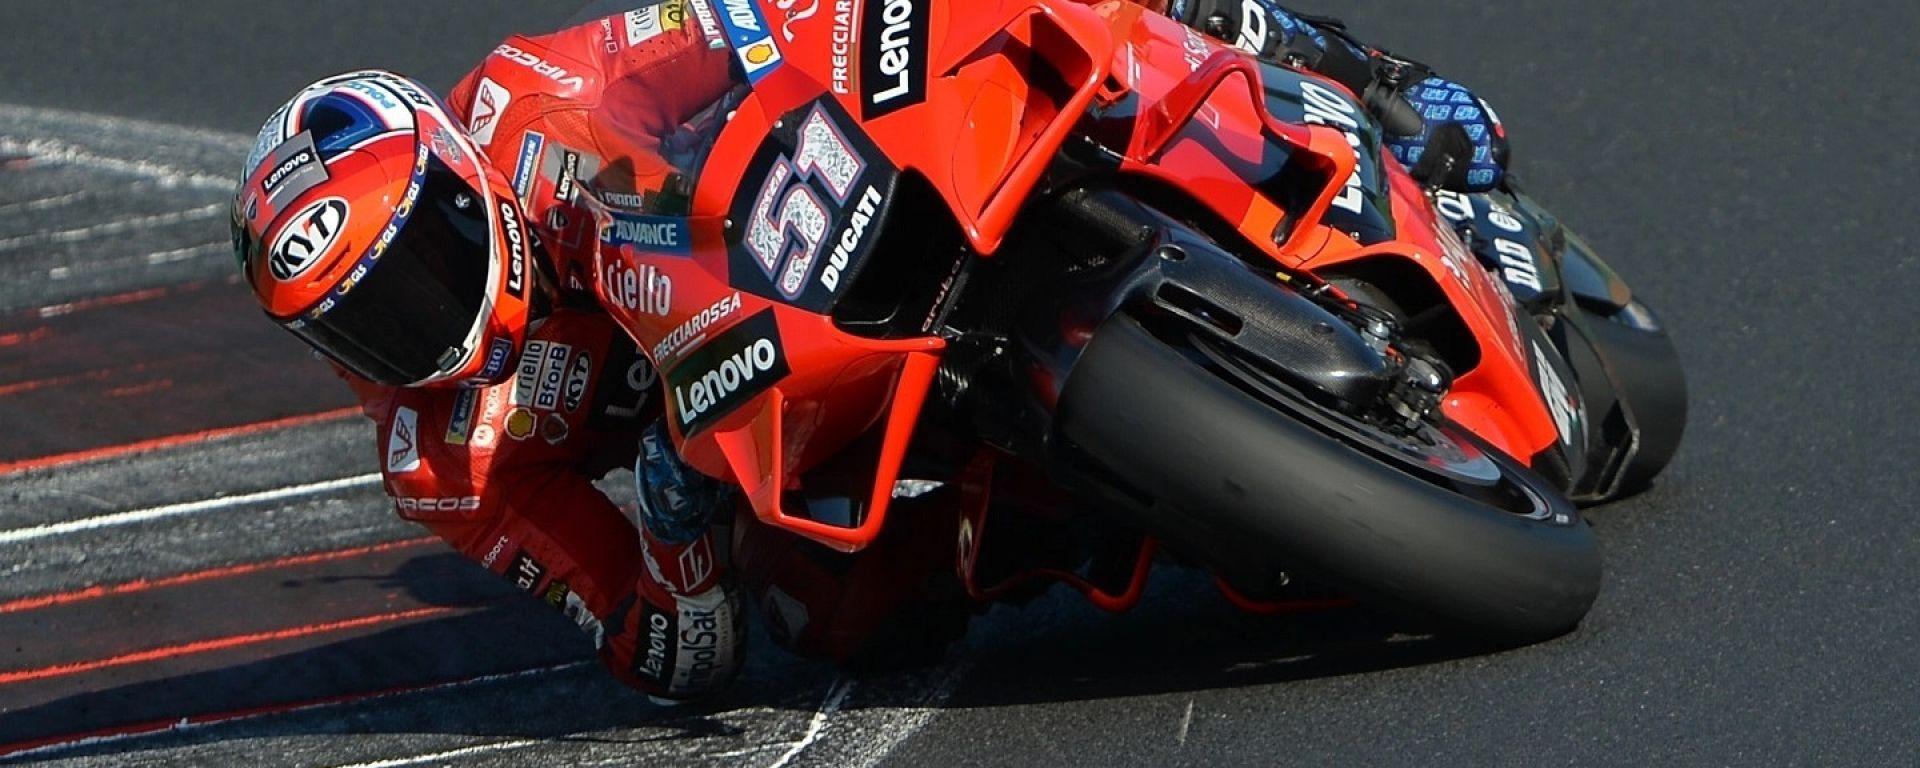 Michele Pirro in sella alla GP21 a Misano per dei test privati